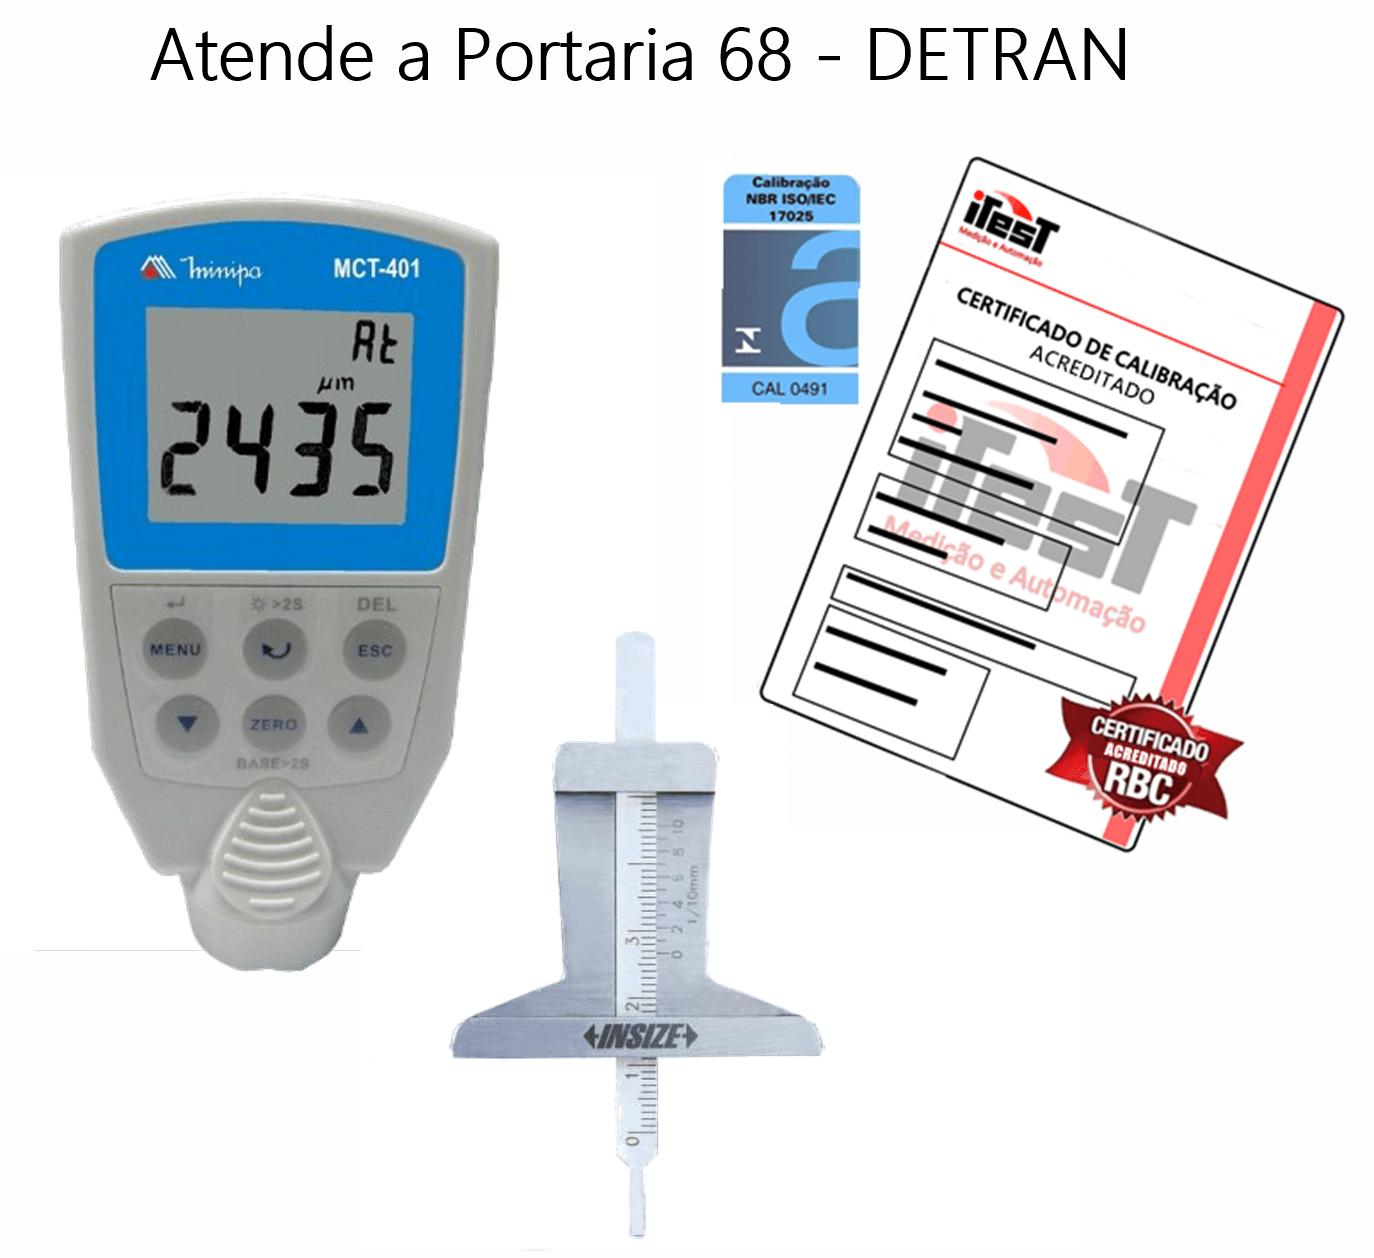 Kit Vistoria Veicular I - Paq Anal.- ACREDITADO RBC